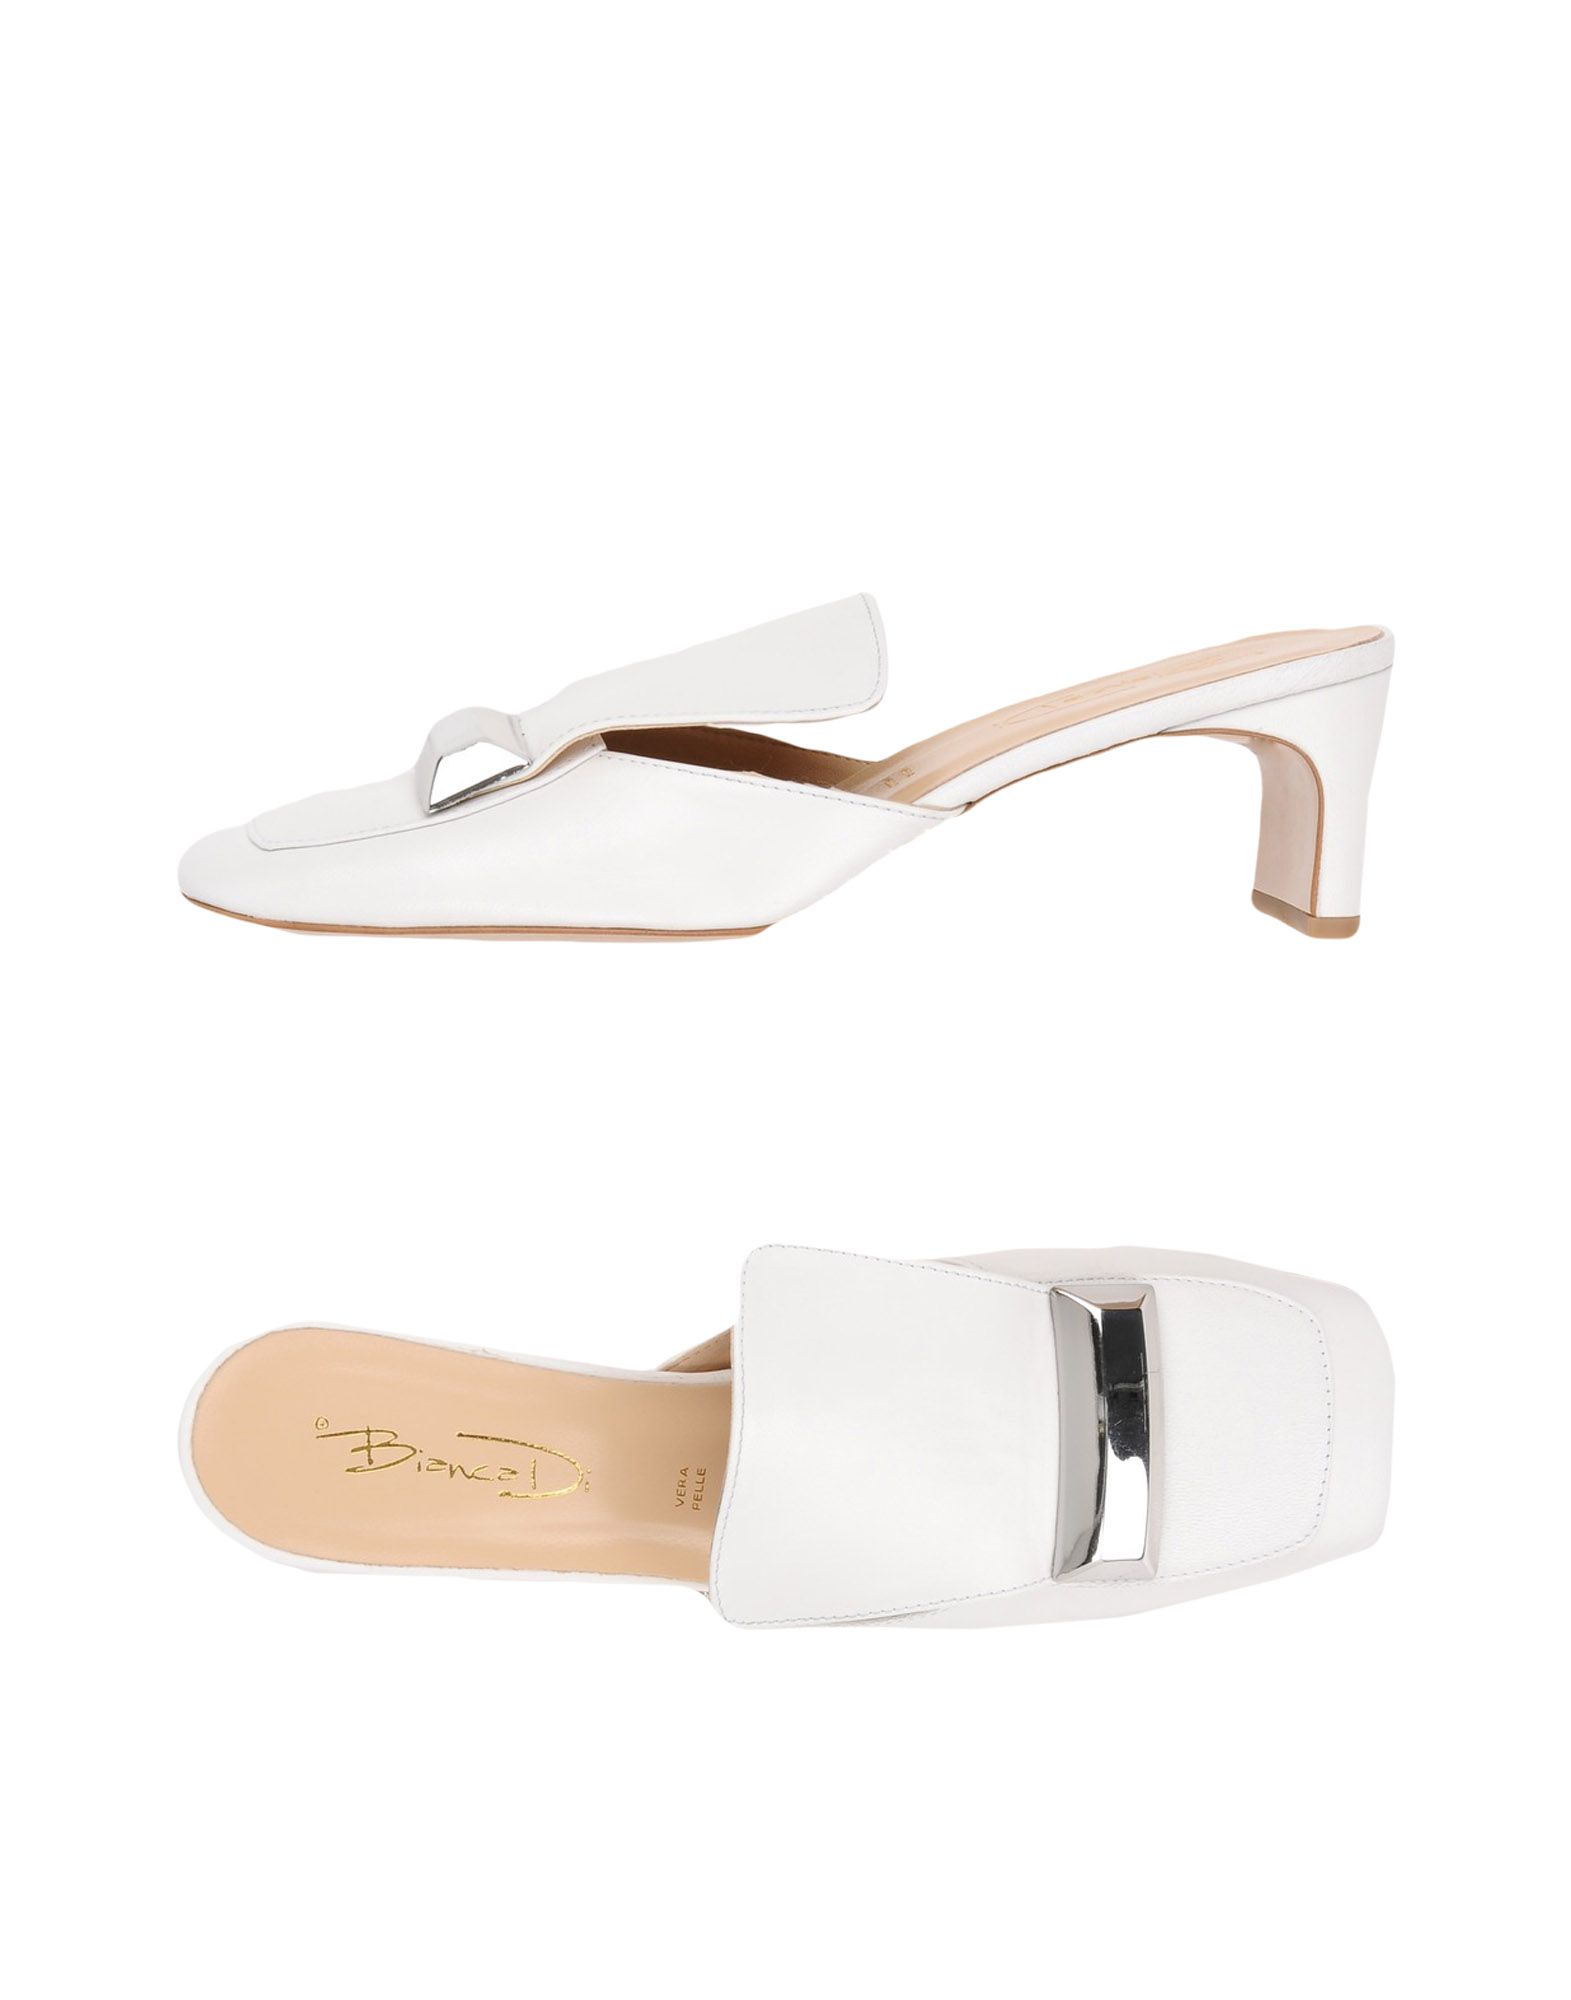 Gut um Pantoletten billige Schuhe zu tragenBianca Di Pantoletten um Damen  11440889AK 50ad9e